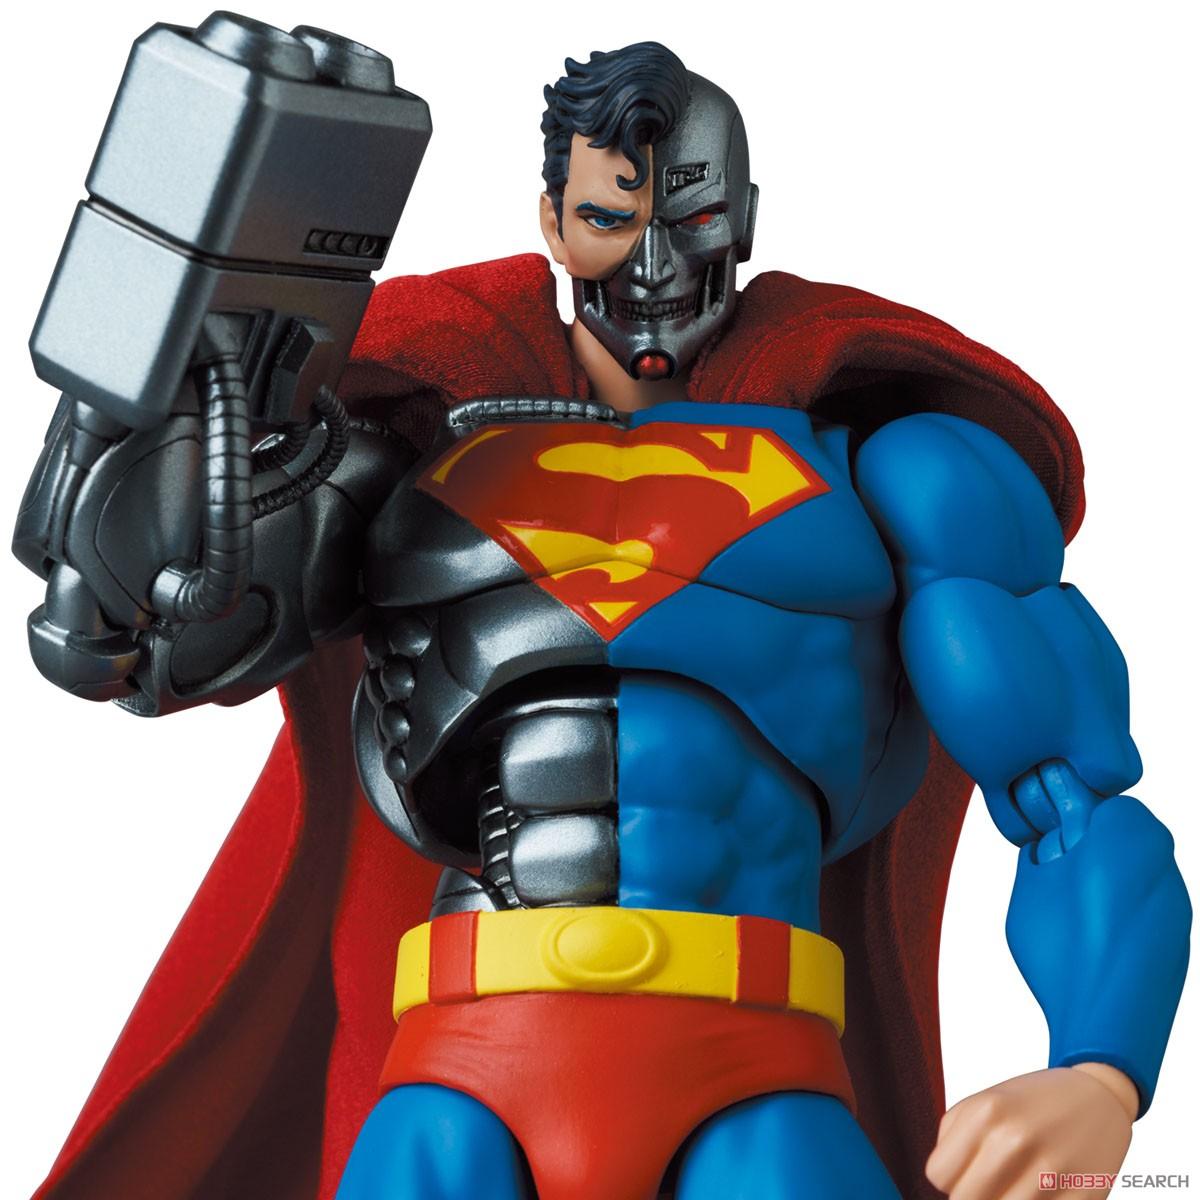 マフェックス No.164 MAFEX『サイボーグ スーパーマン/CYBORG SUPERMAN(RETURN OF SUPERMAN)』リターン・オブ・スーパーマン 可動フィギュア-002